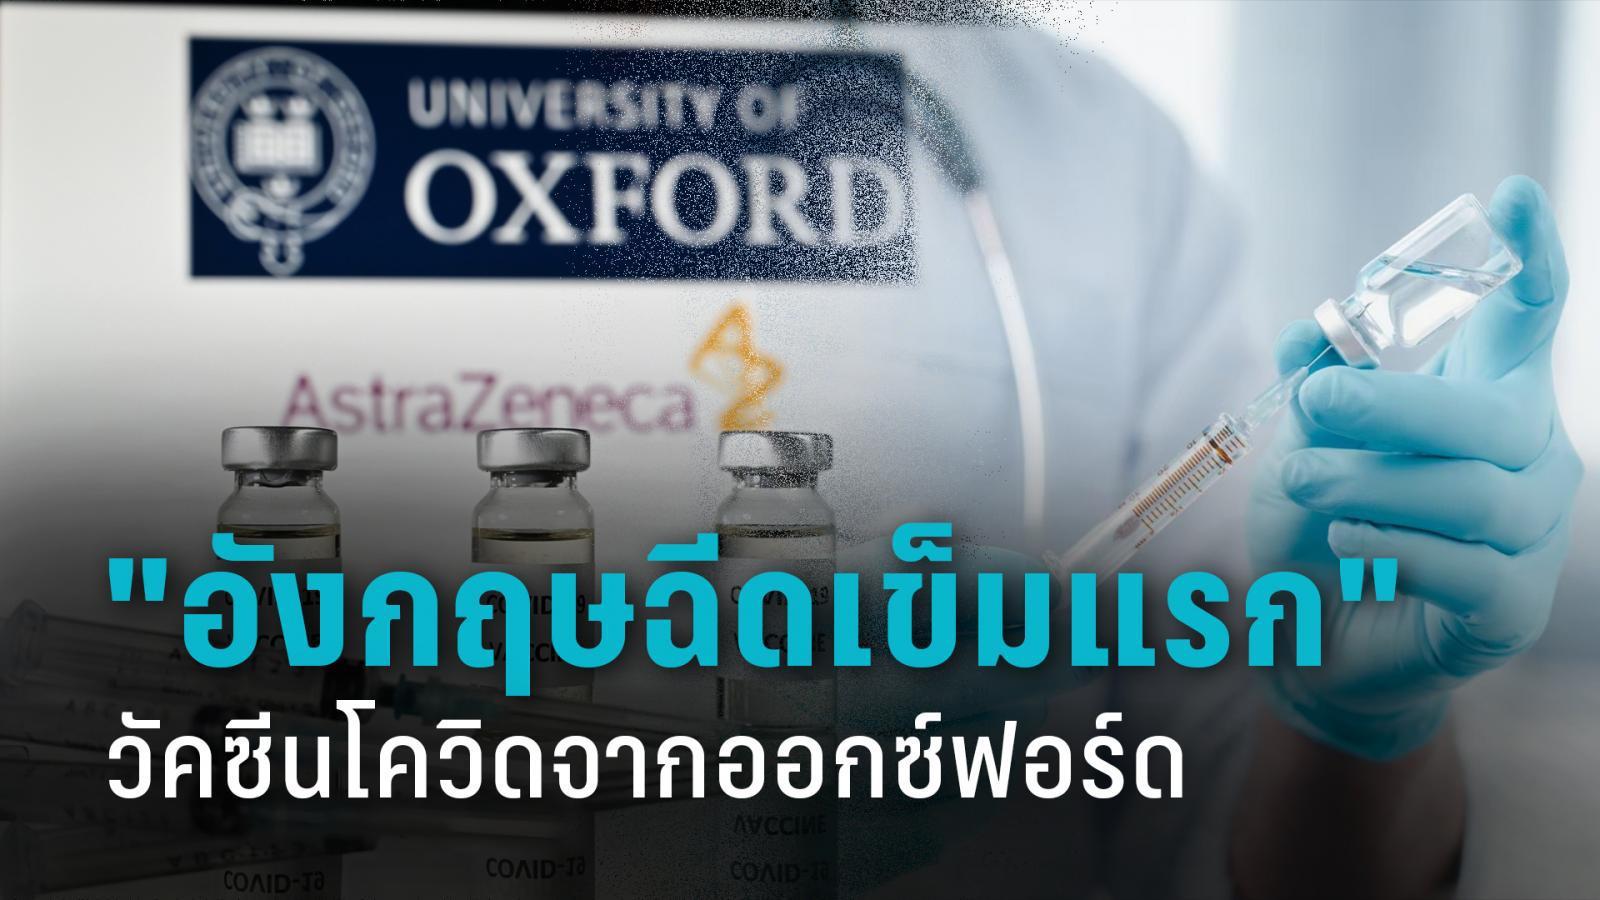 ฉีดแล้วเข็มแรก วัคซีนโควิด-19 จากออกซ์ฟอร์ด ที่ไทยสั่งจองไว้ 26 ล้านโดส